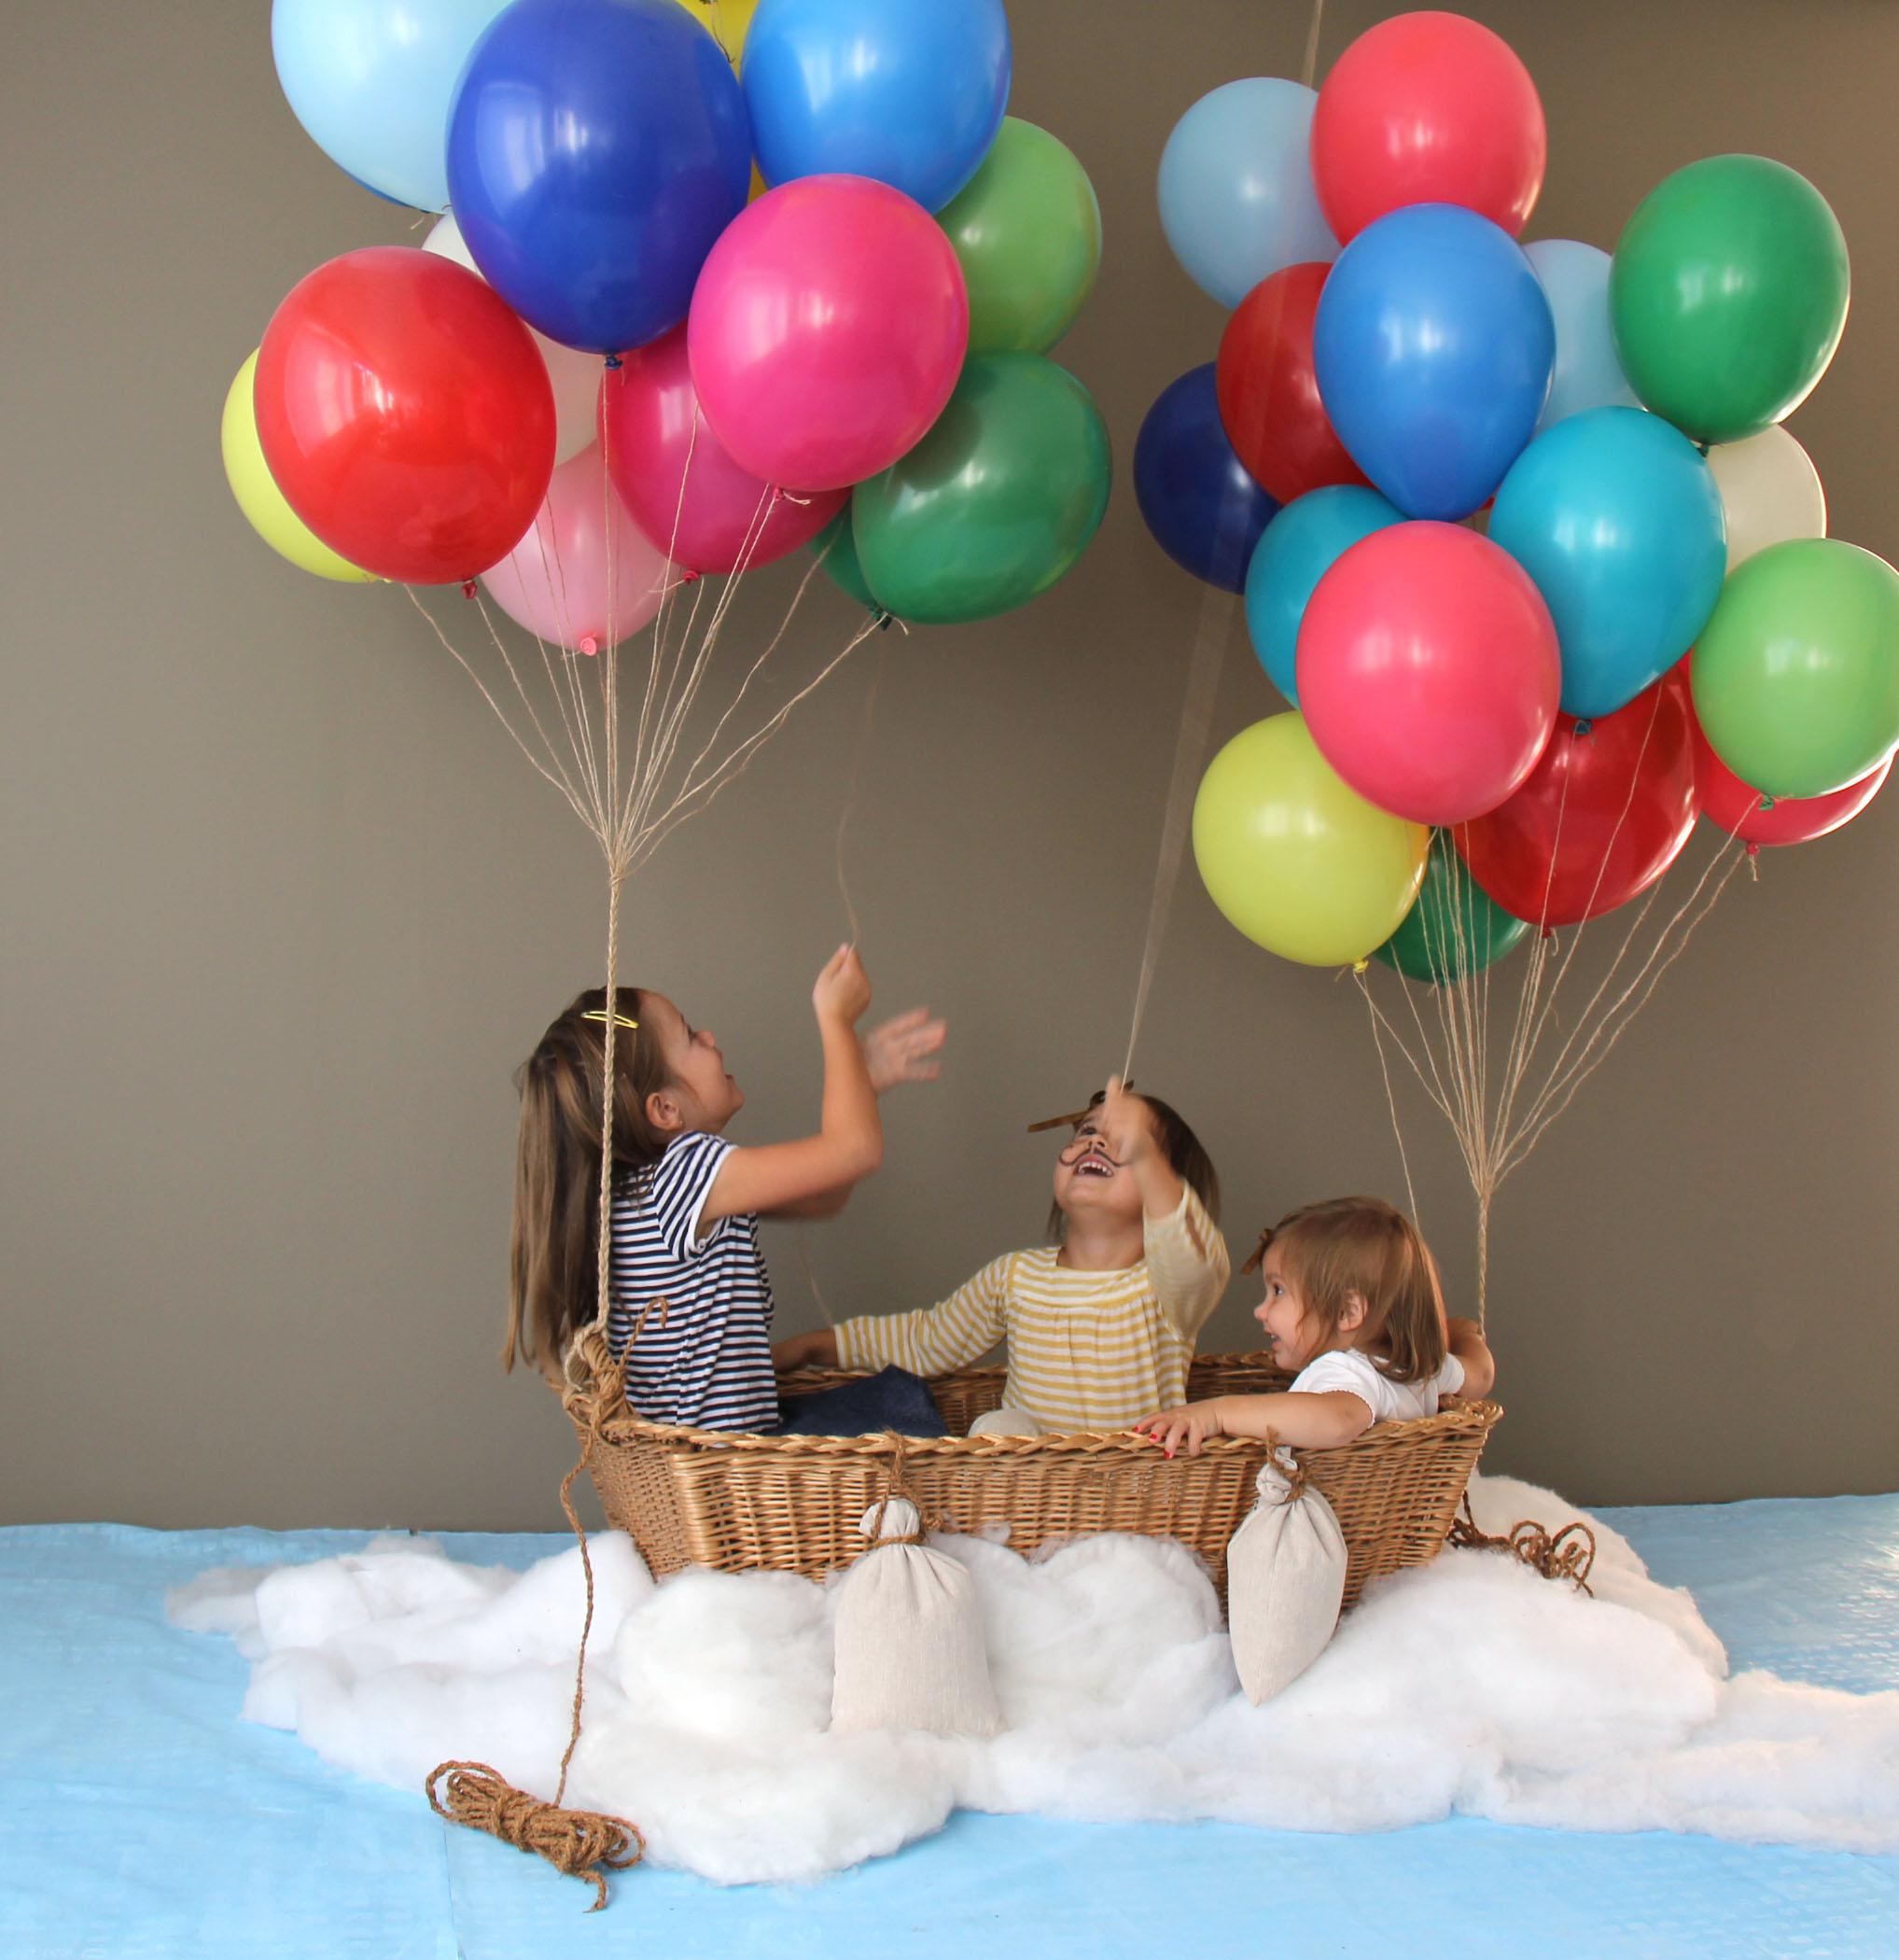 Ballon-incognito-1.jpg